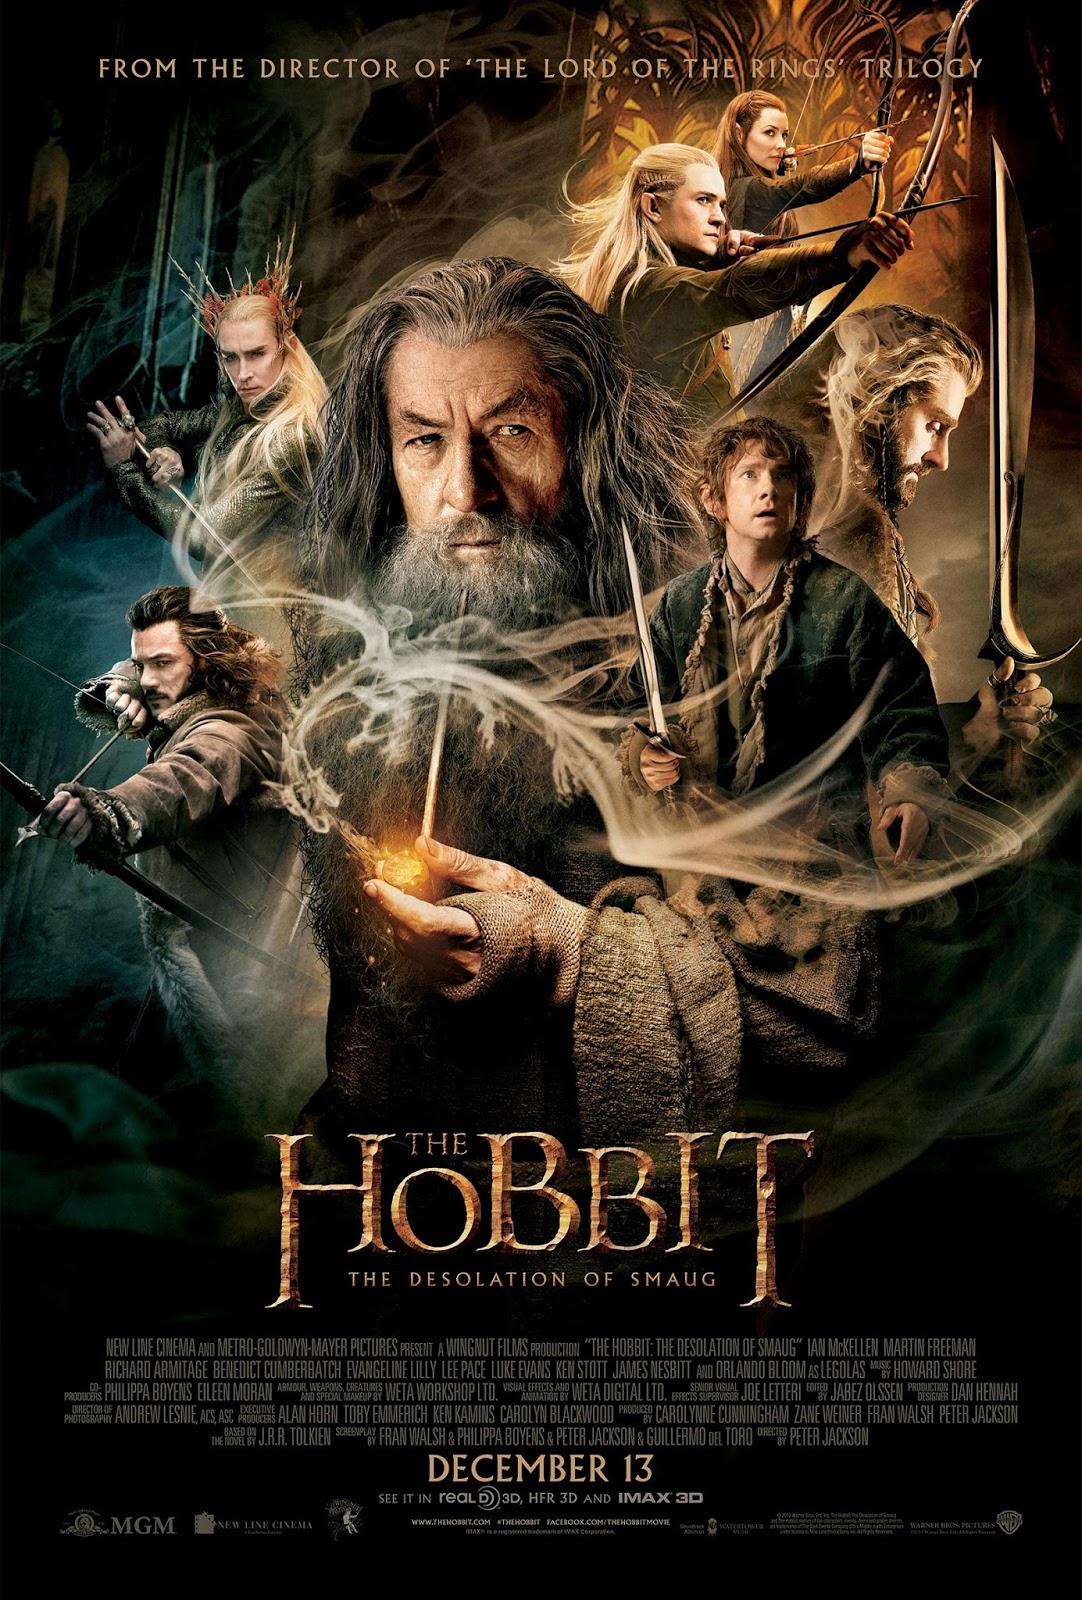 hobbit pustkowie smauga film recenzja bilbo gandalf thorin